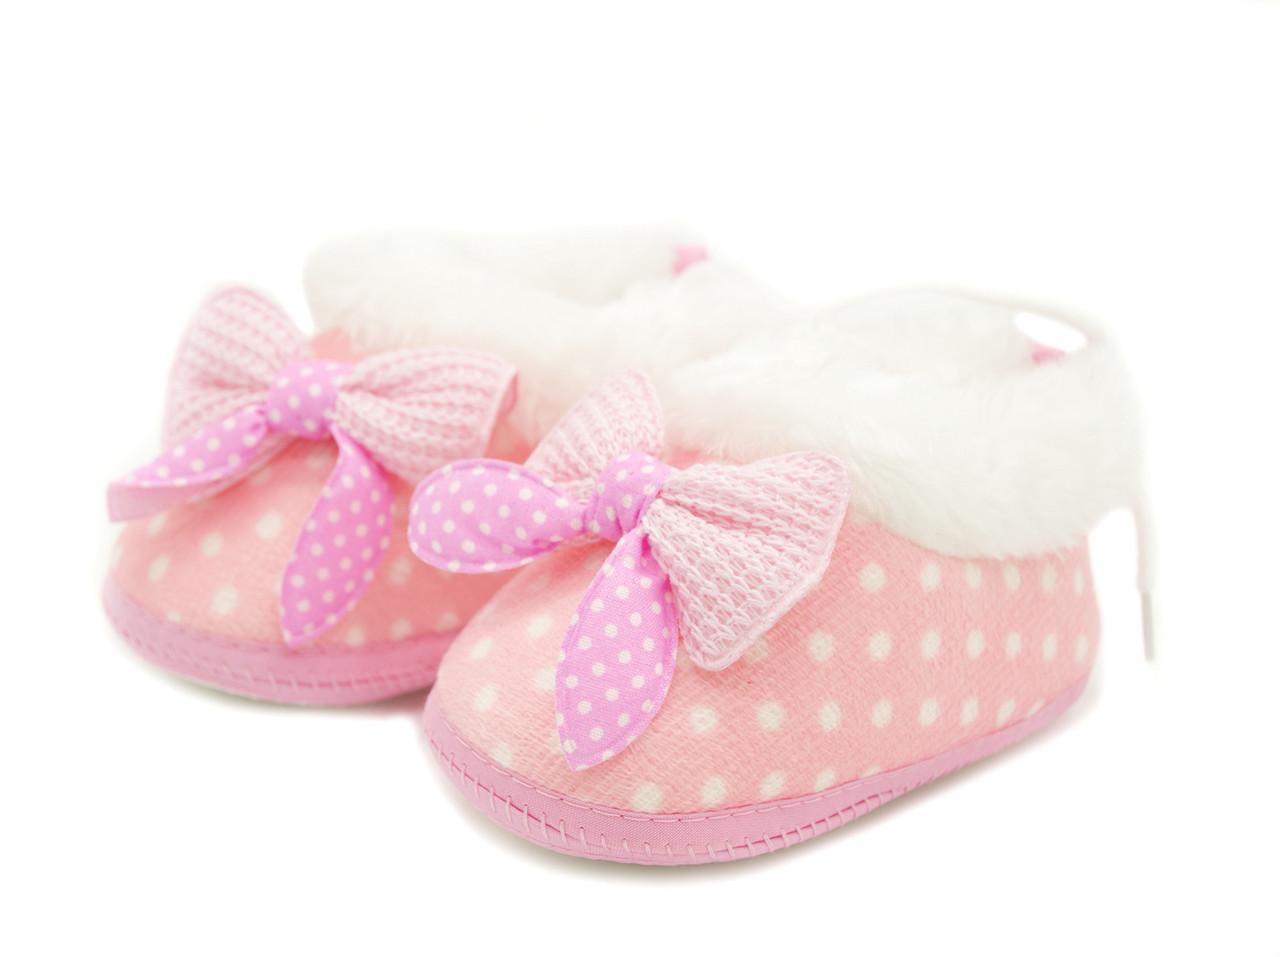 Пинетки для девочки Розовые Размеры: 12